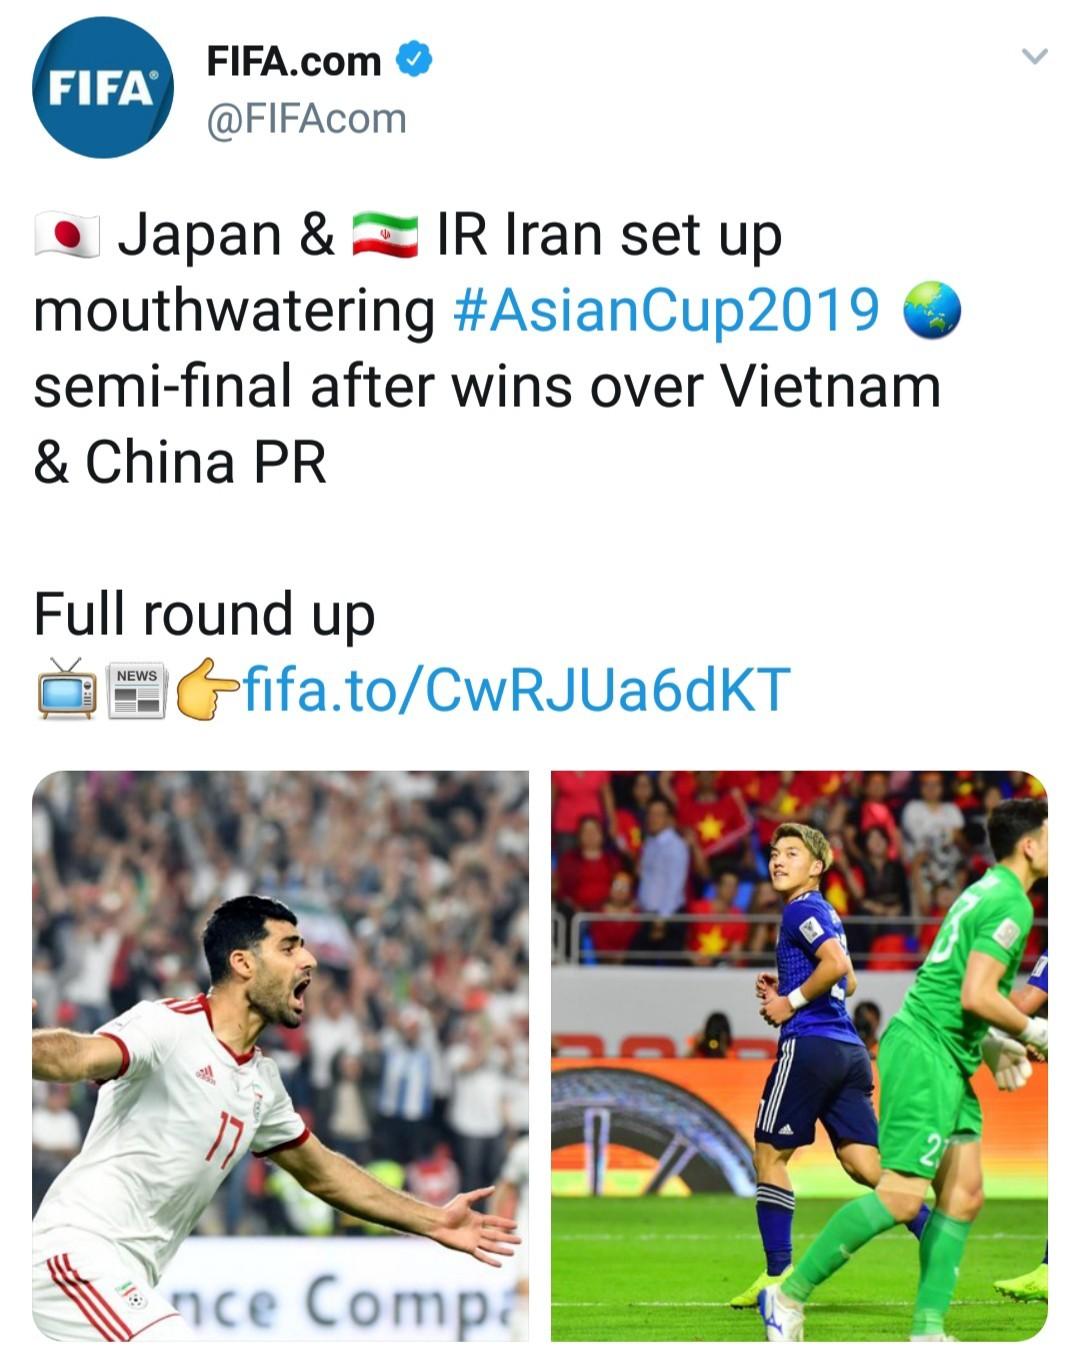 واکنش فیفا و سایت گل نسبت به برد یوزهای ایرانی در مقابل چین - 1